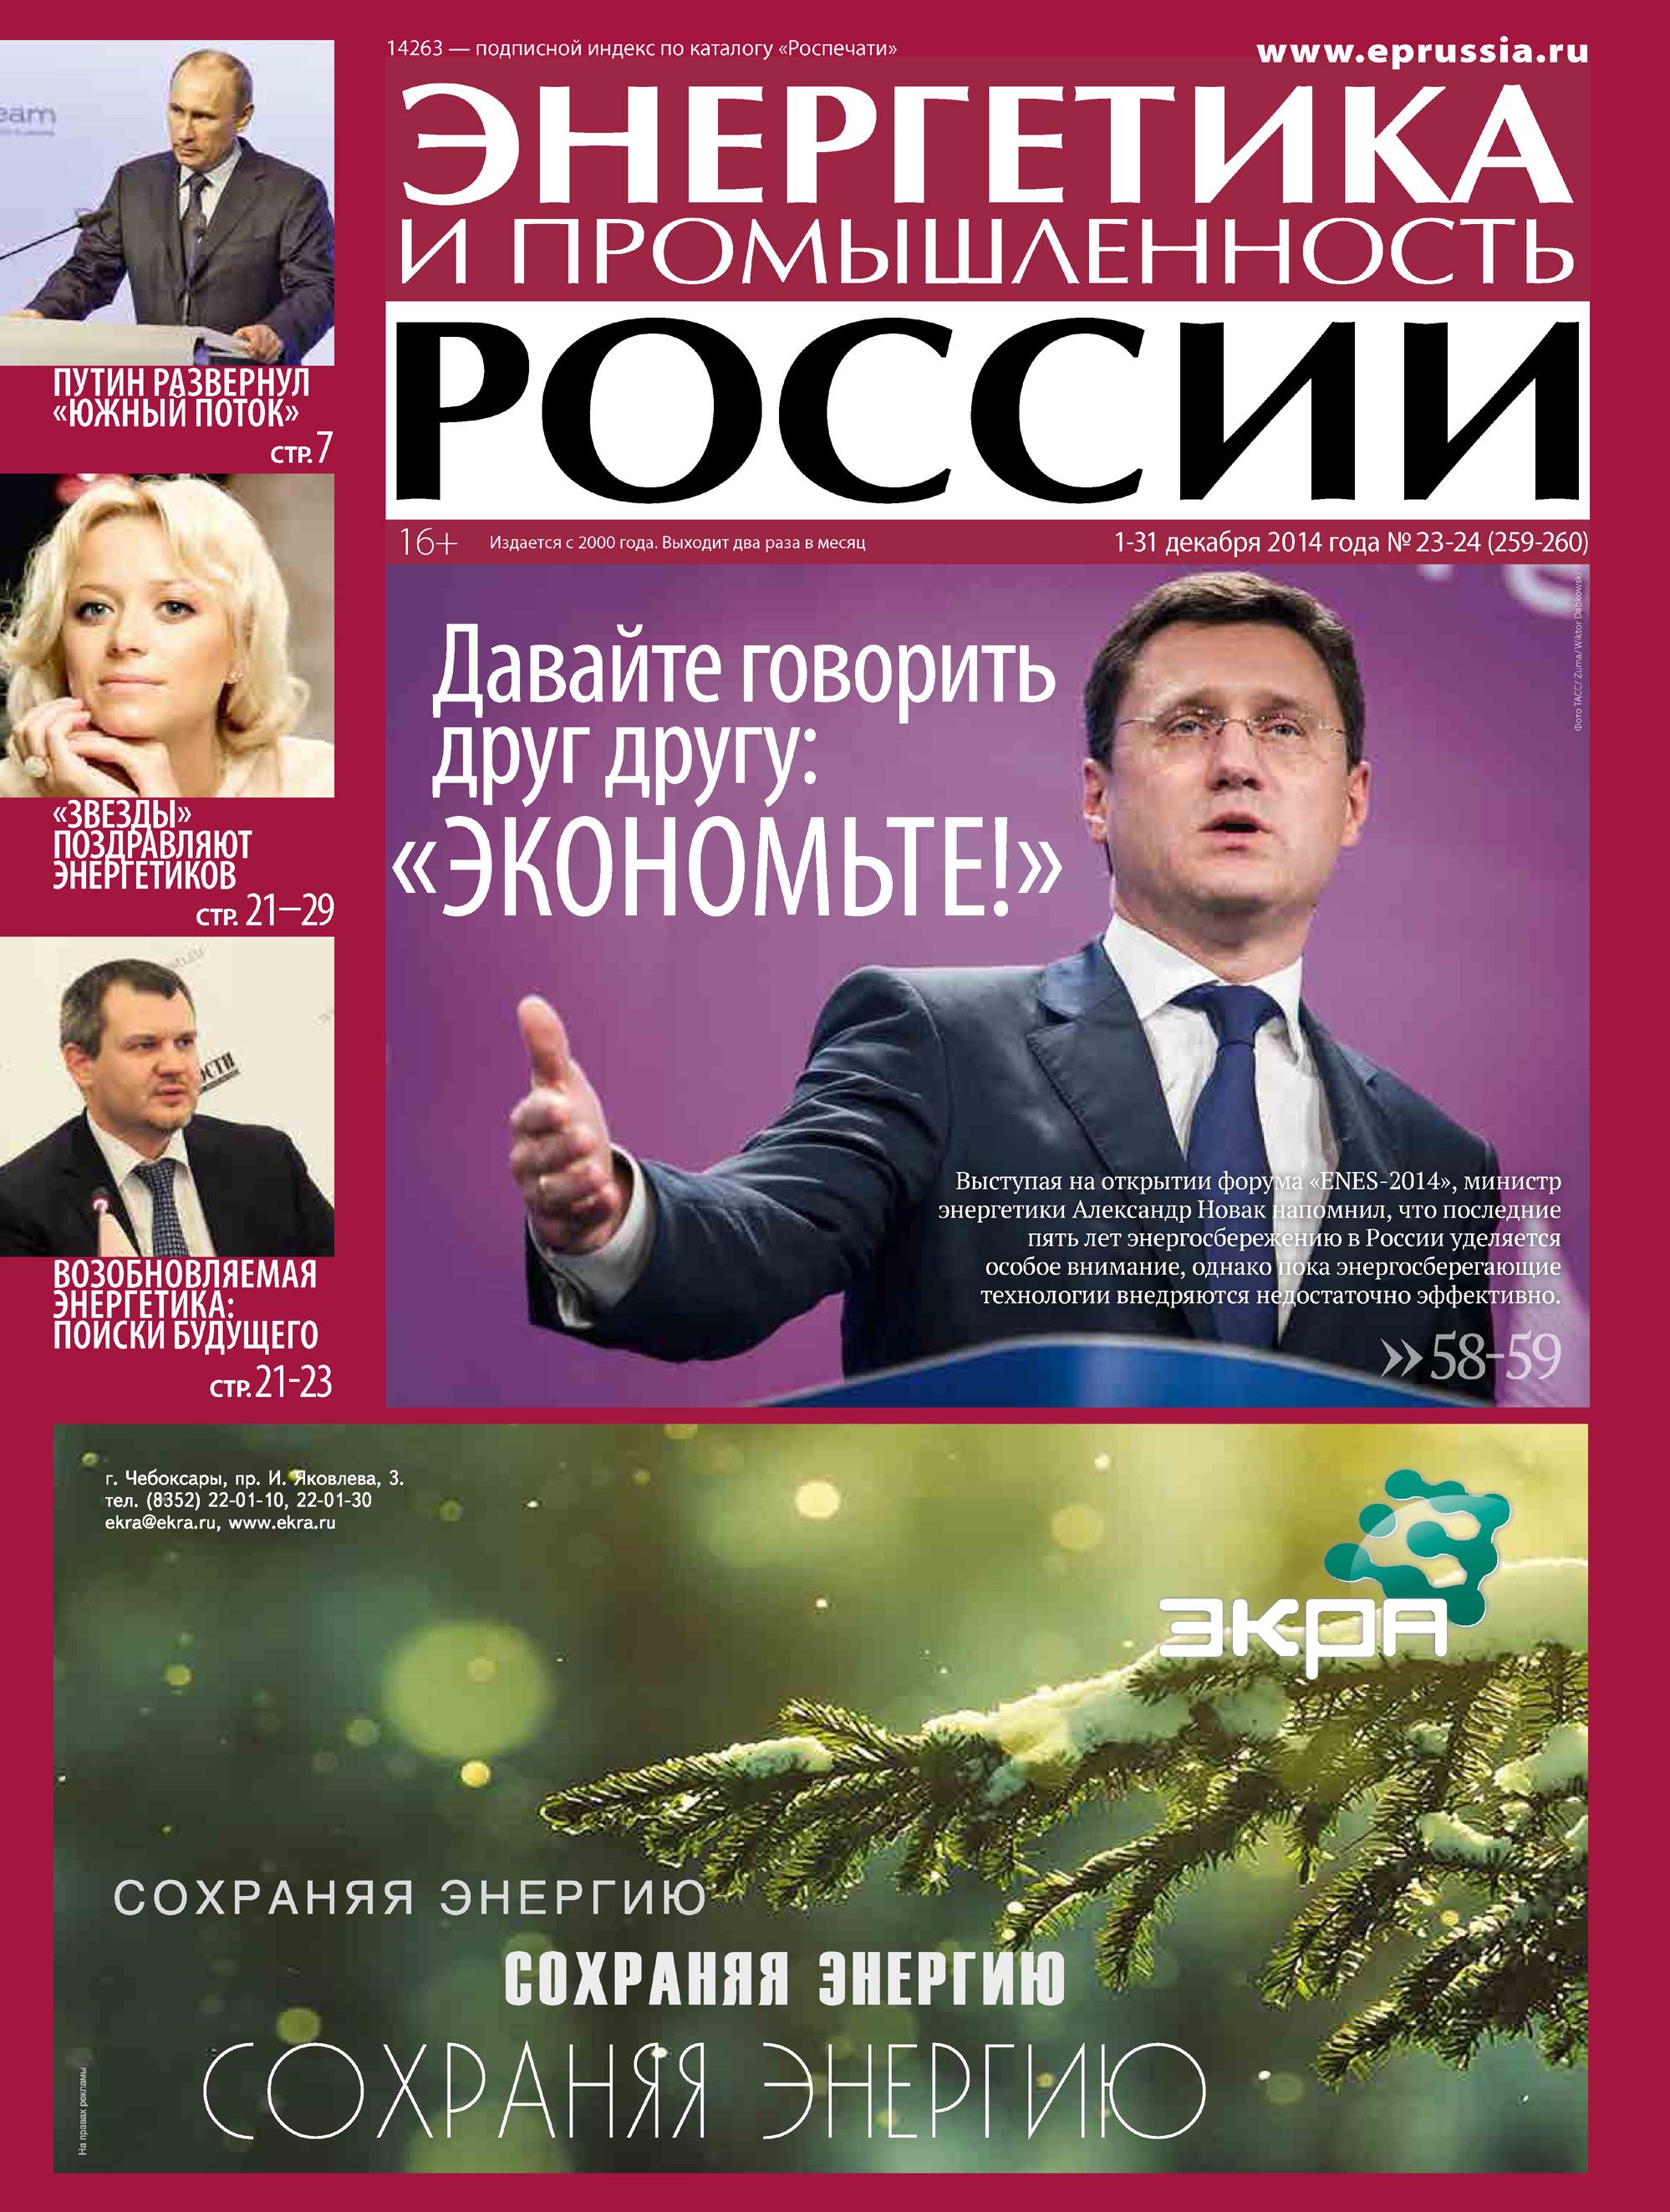 Энергетика и промышленность России №23-24 2014